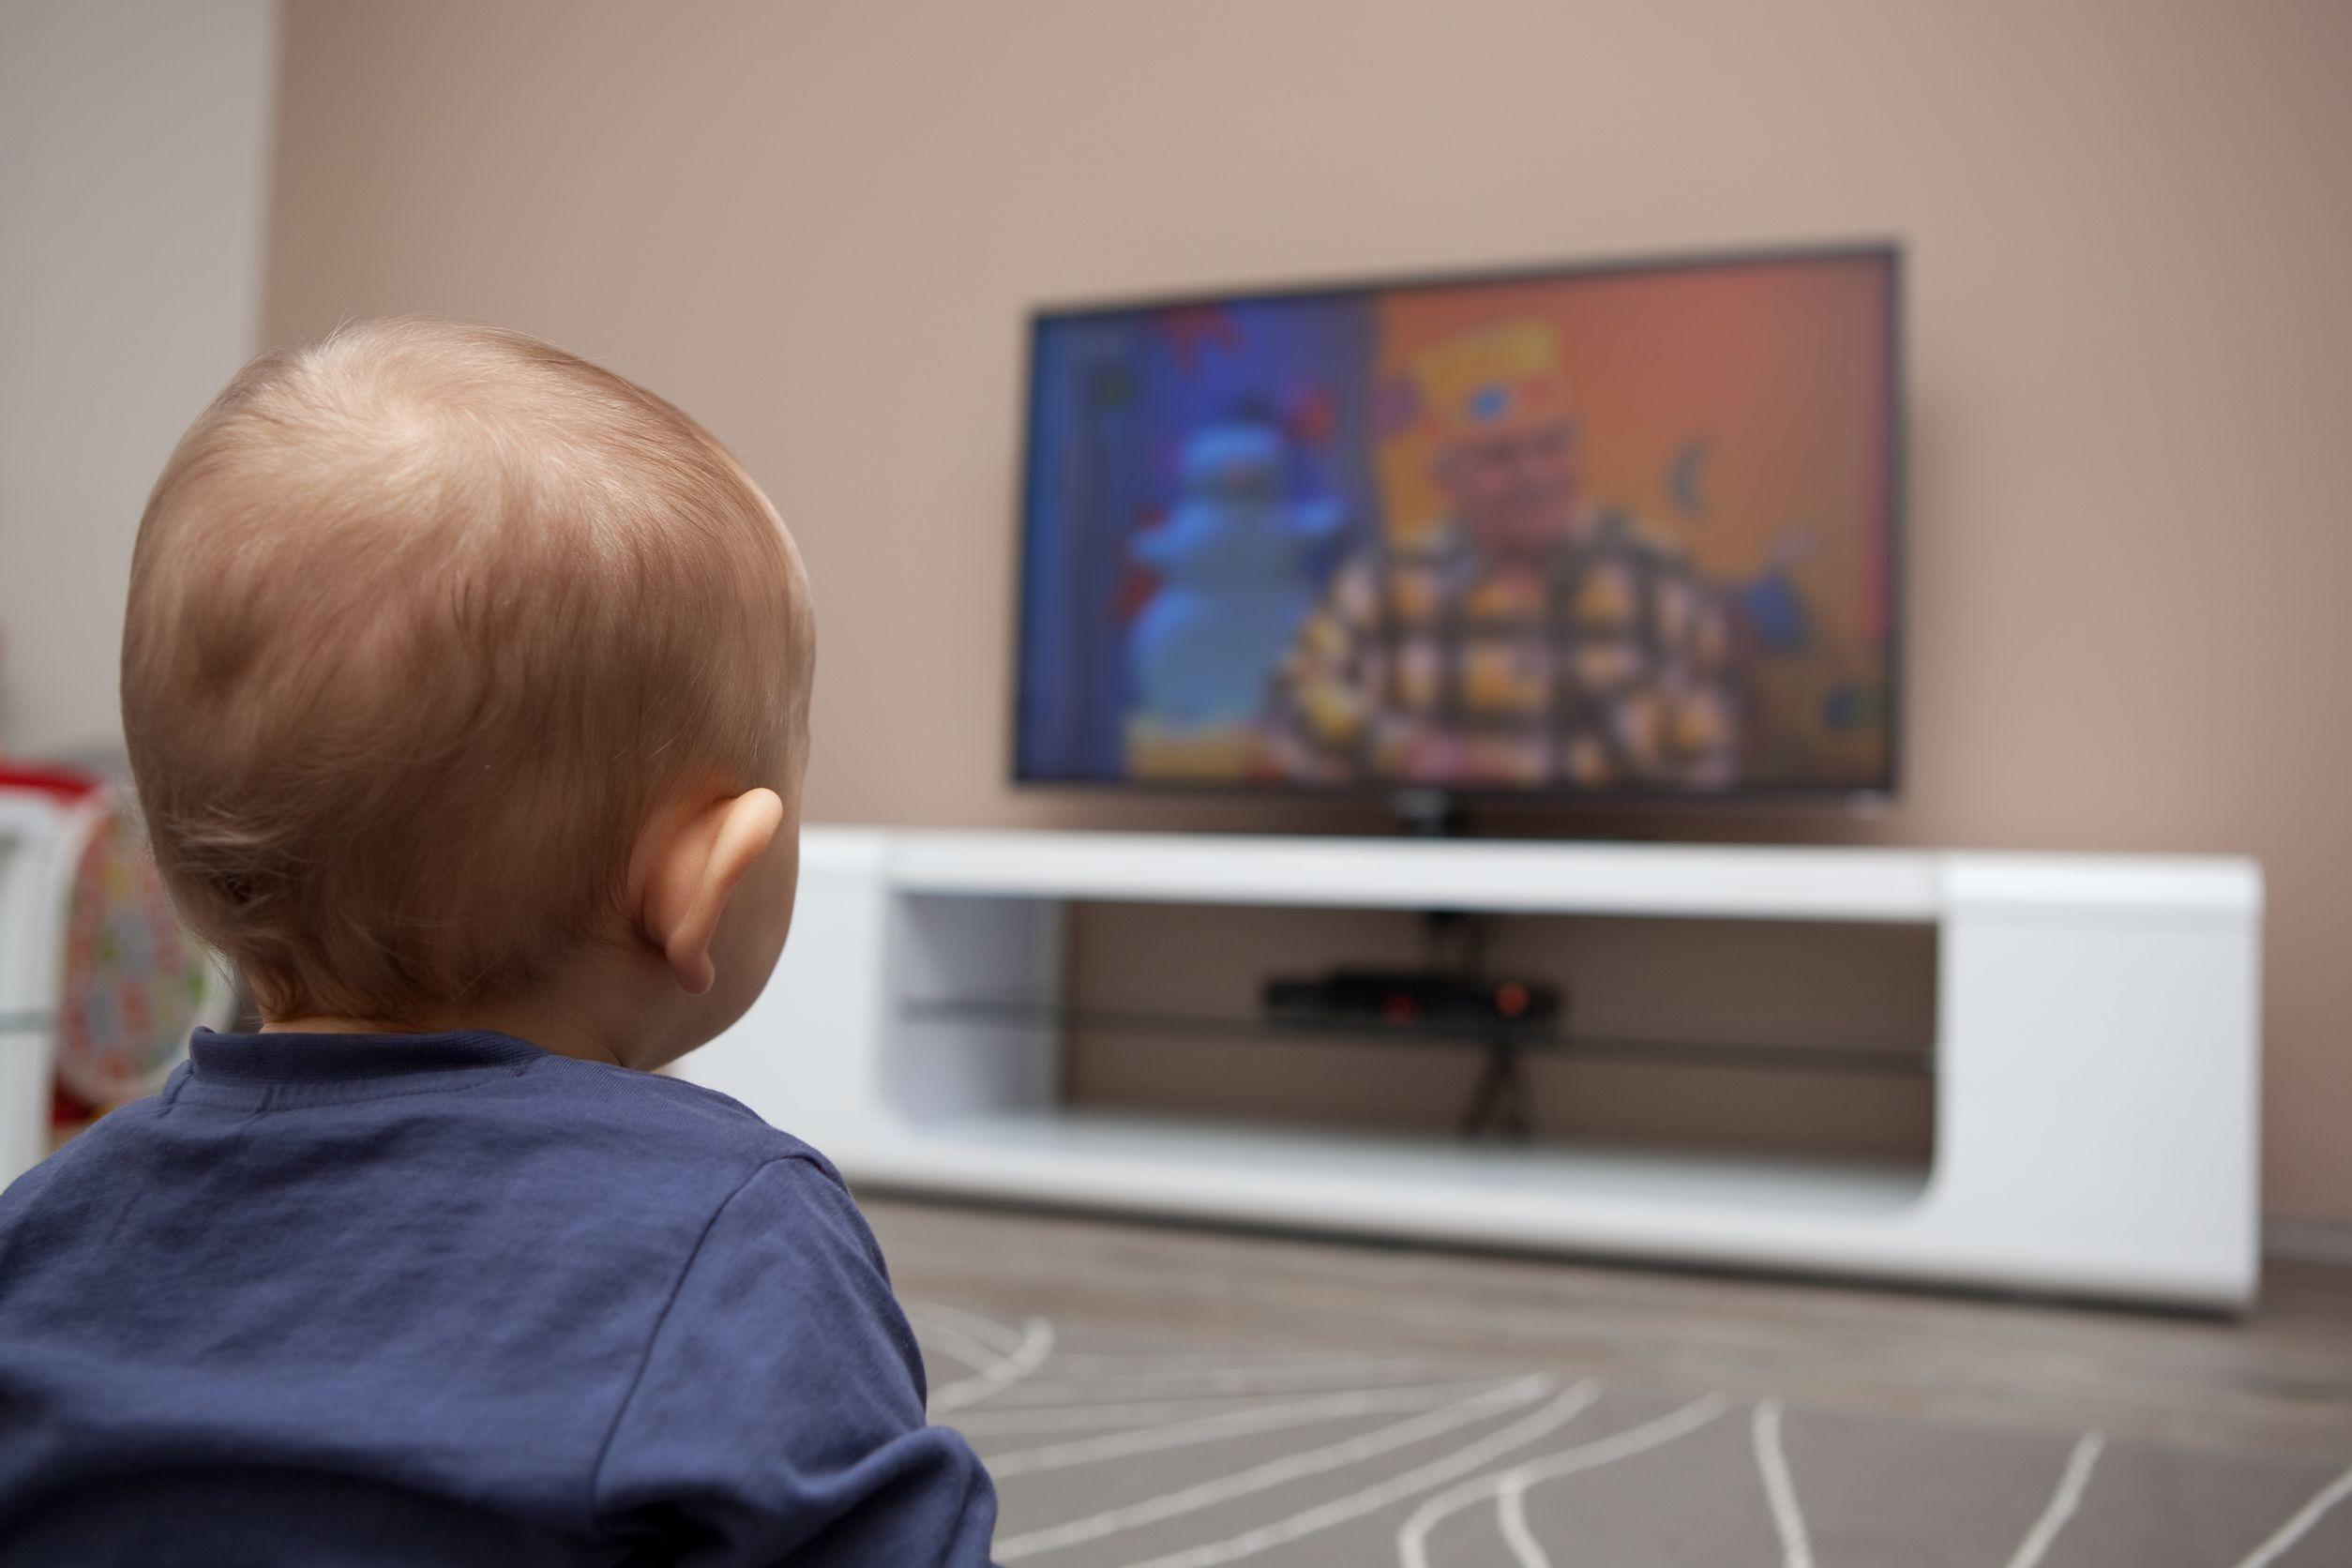 Studiu: În 90% din copiii de 2-3 ani diagnosticaţi cu o formă de autism au ca principală cauză televizorul, mobilul sau tableta. Medic: Simptomele sunt perfect identice